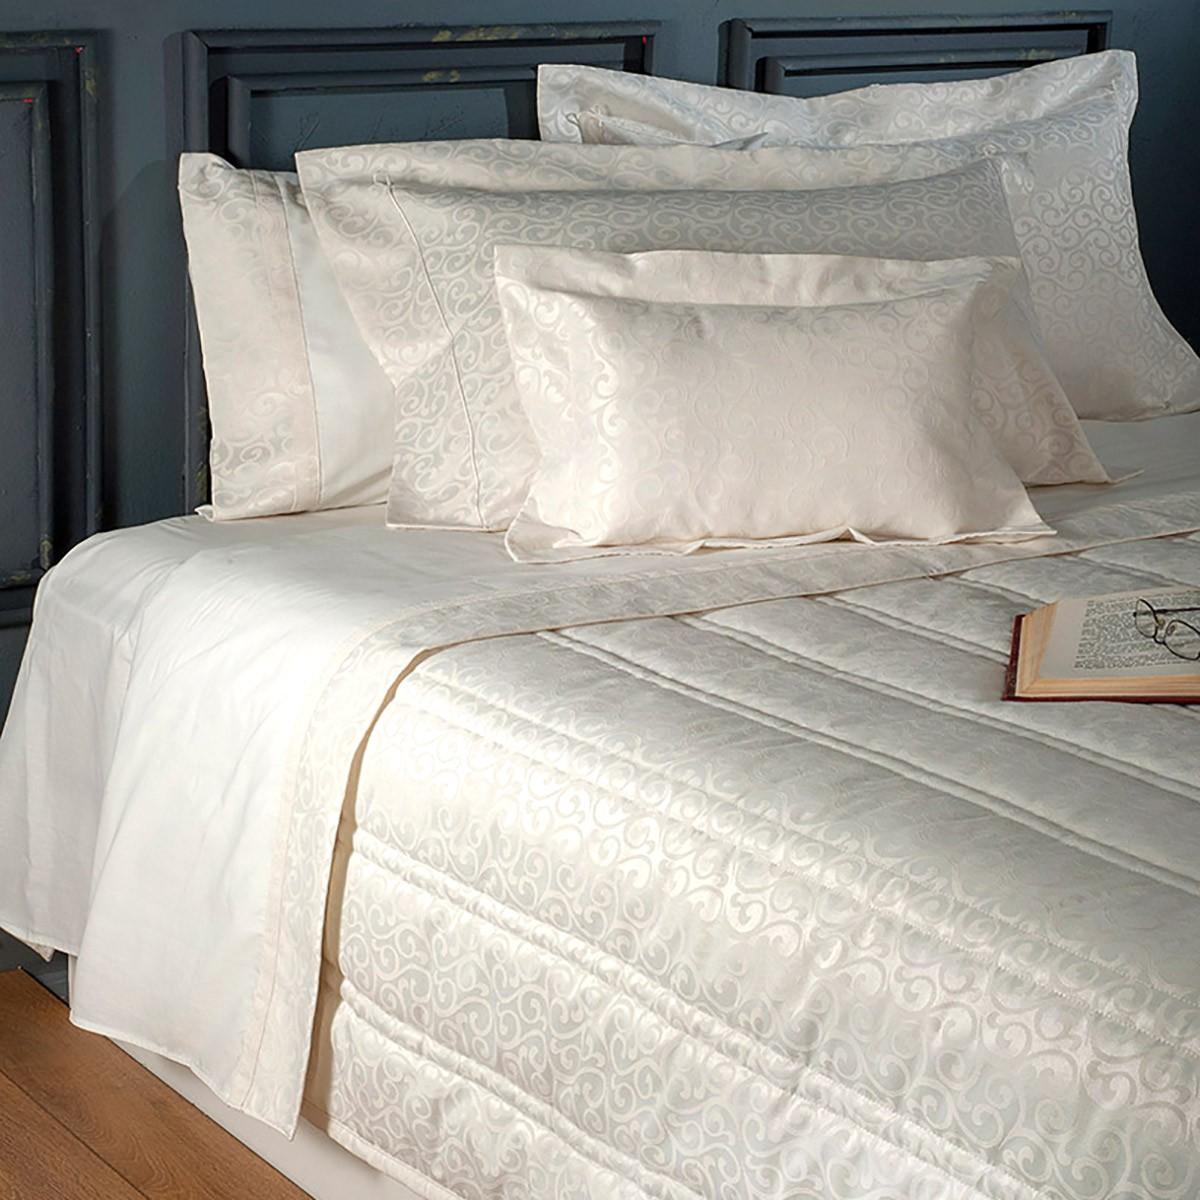 Νυφικό Κουβερλί (Σετ) Omega Home Des 102 home   μόδα γάμου   κουβερλί νυφικά